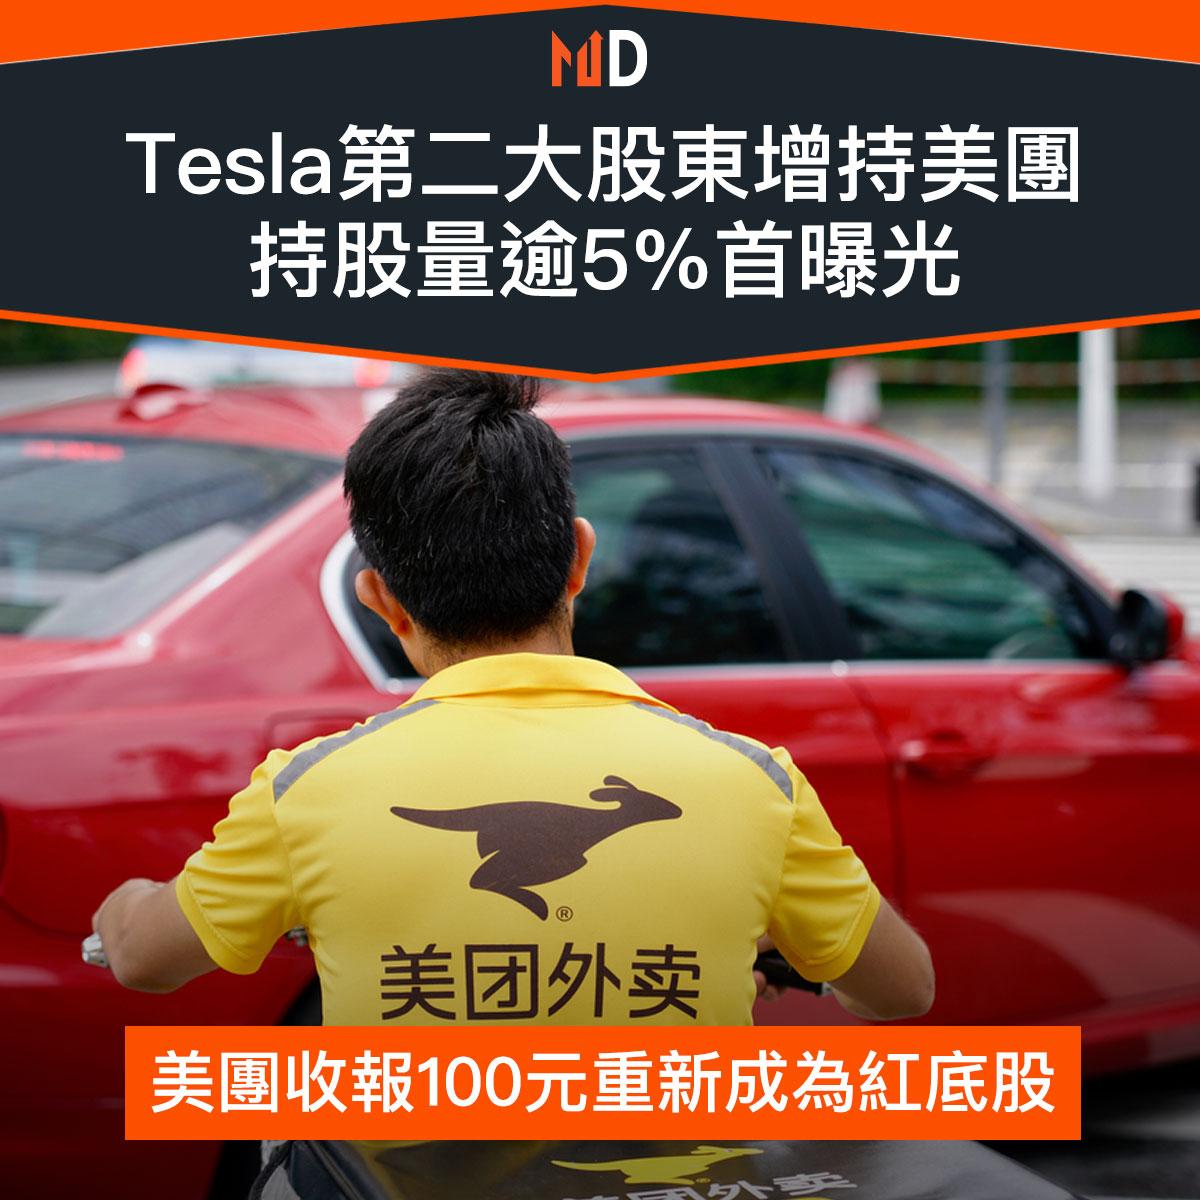 【市場熱話】Tesla第二大股東增持美團,持股量逾5%首曝光